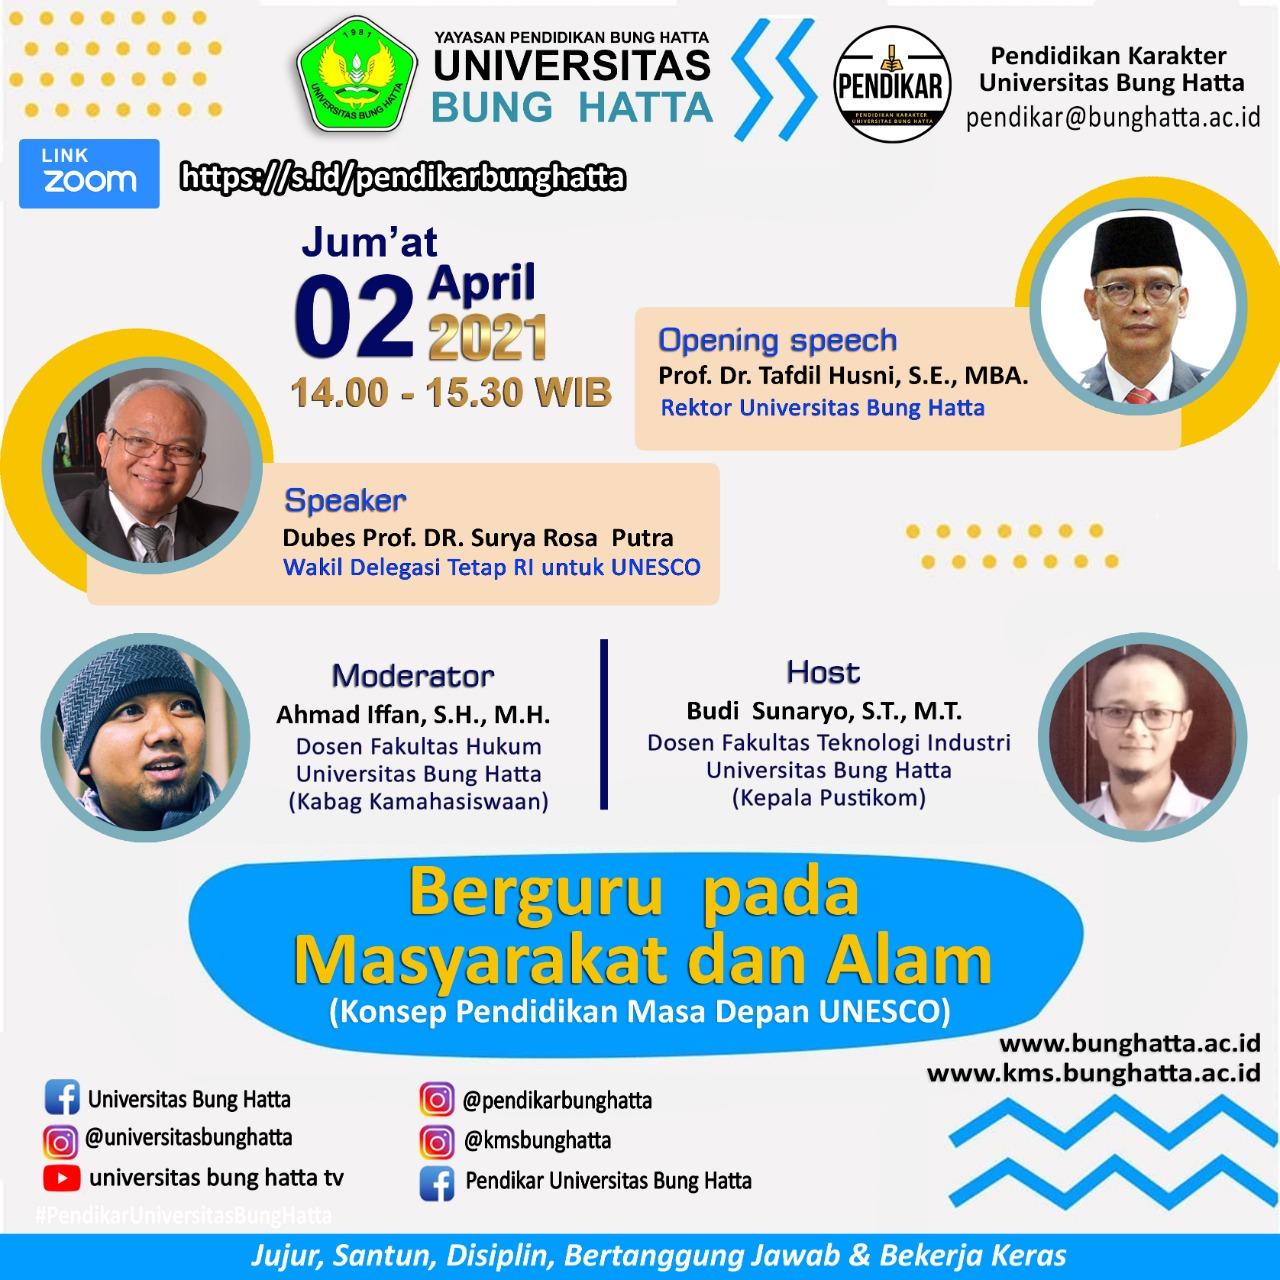 Wakil Delegasi Tetap RI untuk UNESCO Bakal Hadir untuk Mahasiswa Universitas Bung Hatta